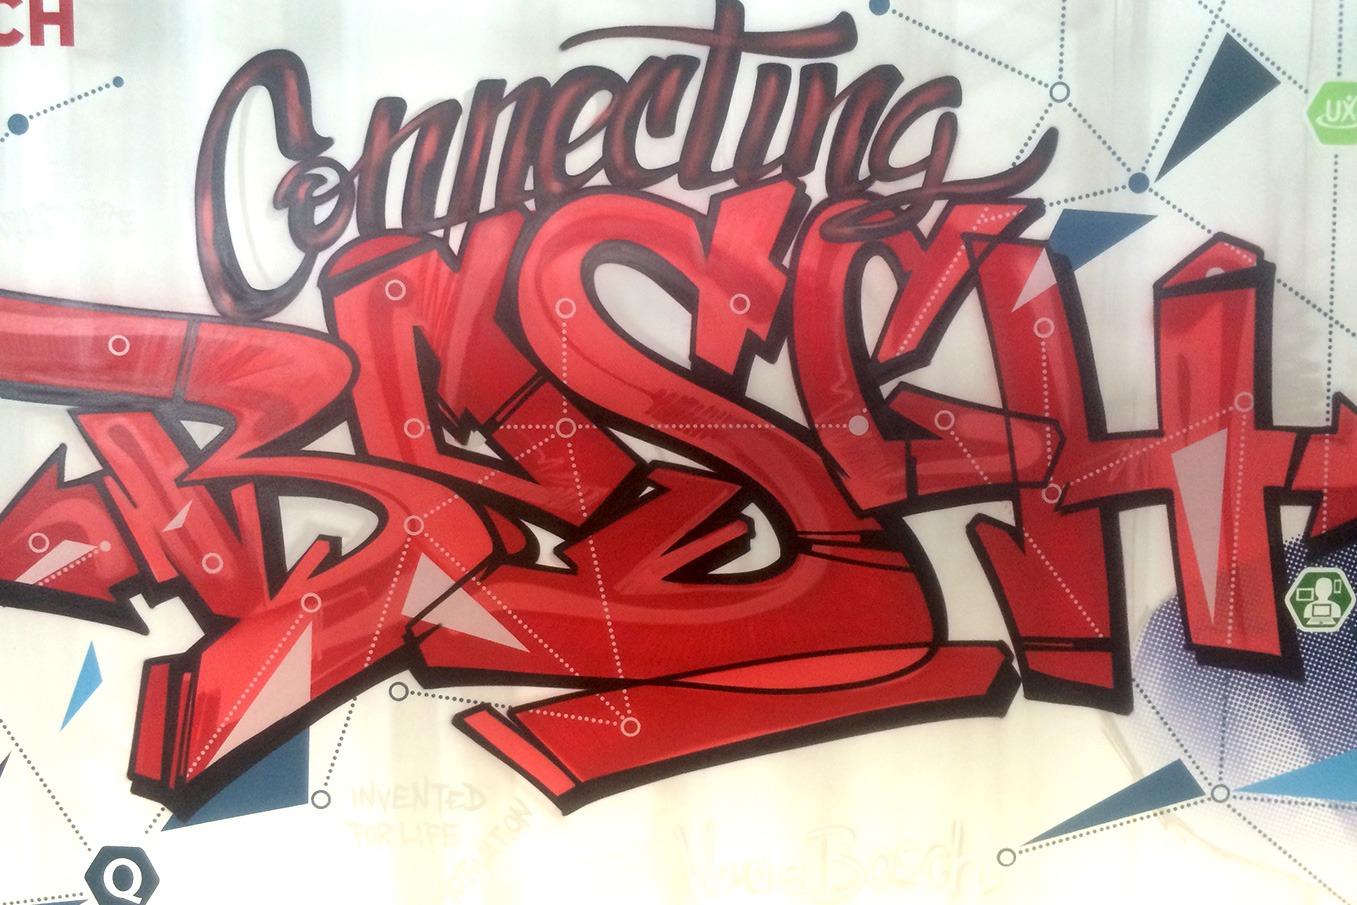 graffitiauftrag-graffitikuenstler-artmos4-Bosch_2015_graffiti_schrift_grafisch_menschen_innen_rot_grau_Illustrativ_Technik